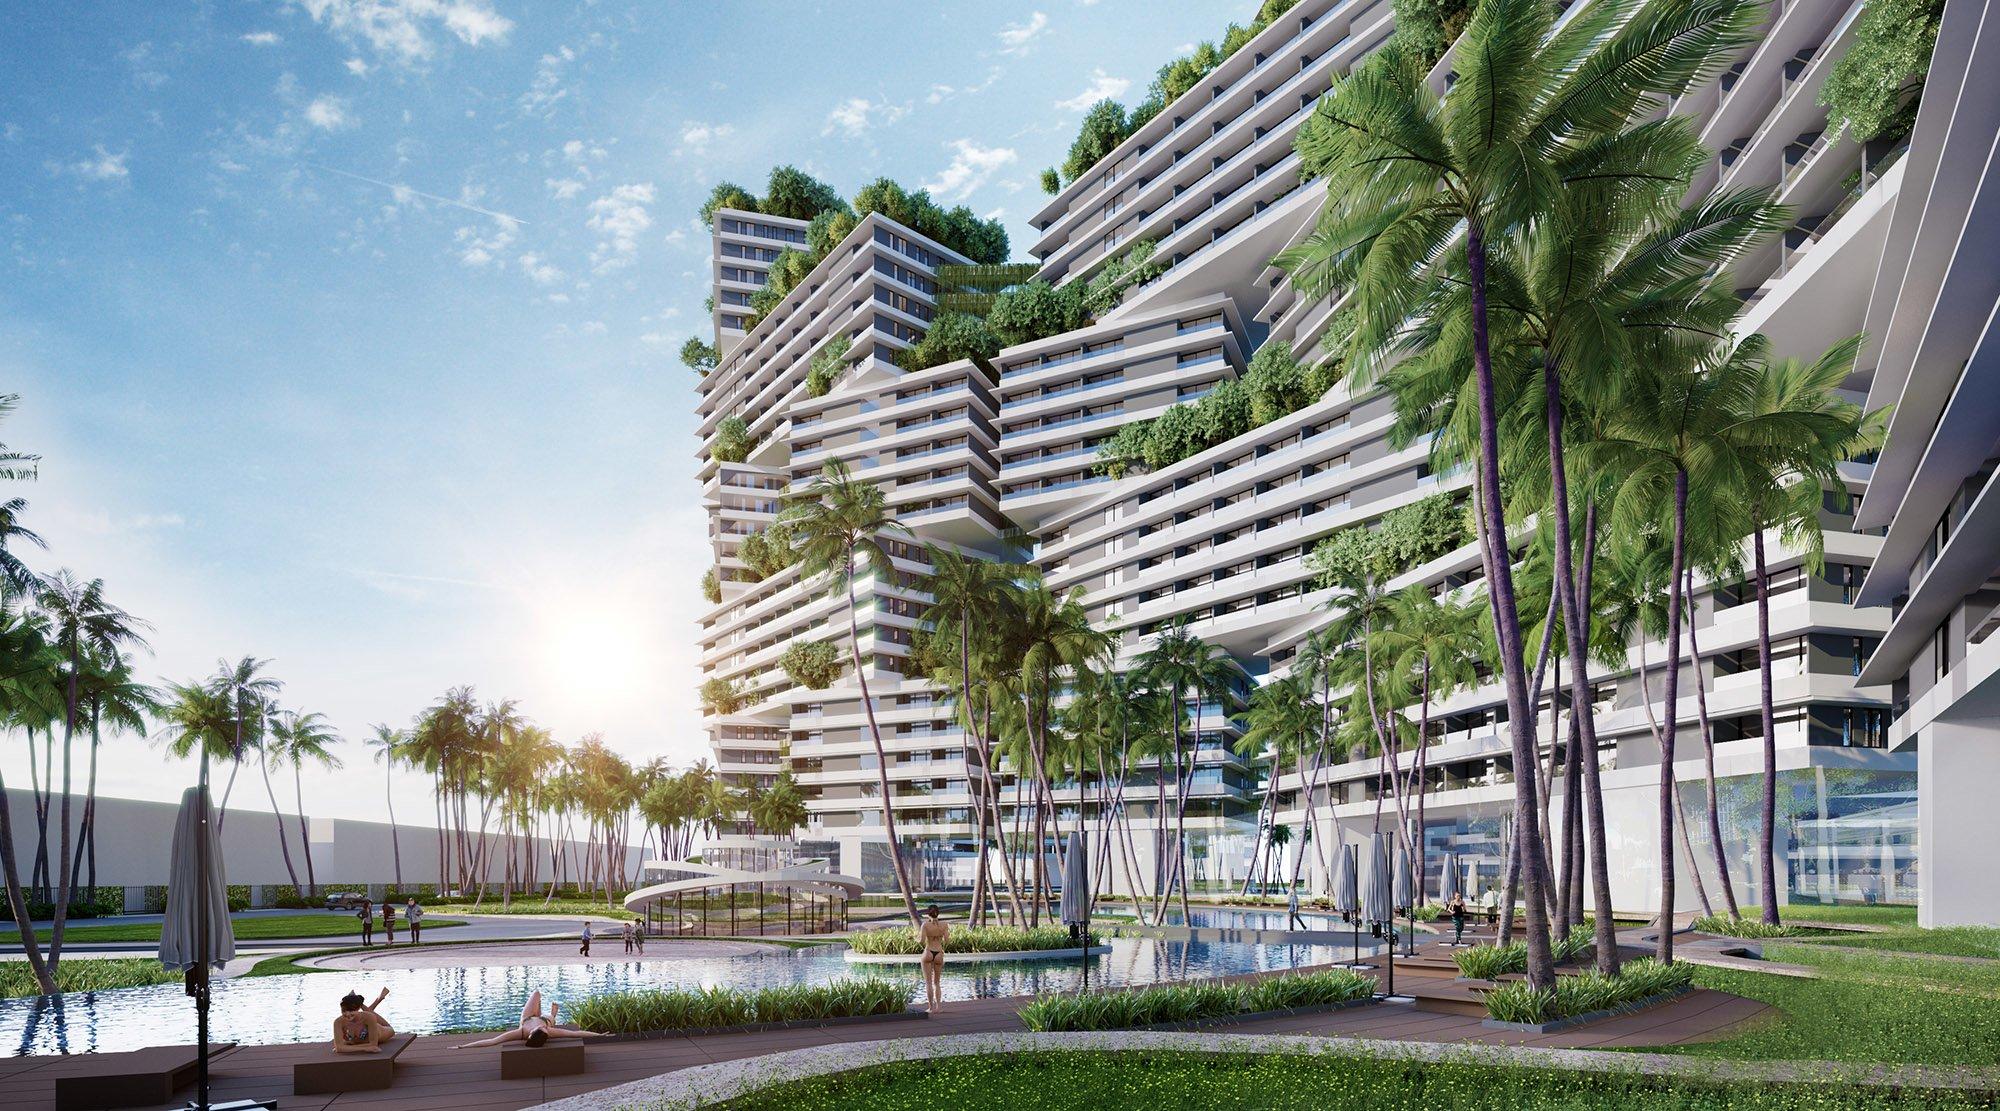 Kiến trúc và thiết kế dự án Thanh Long Bay Bình Thuận